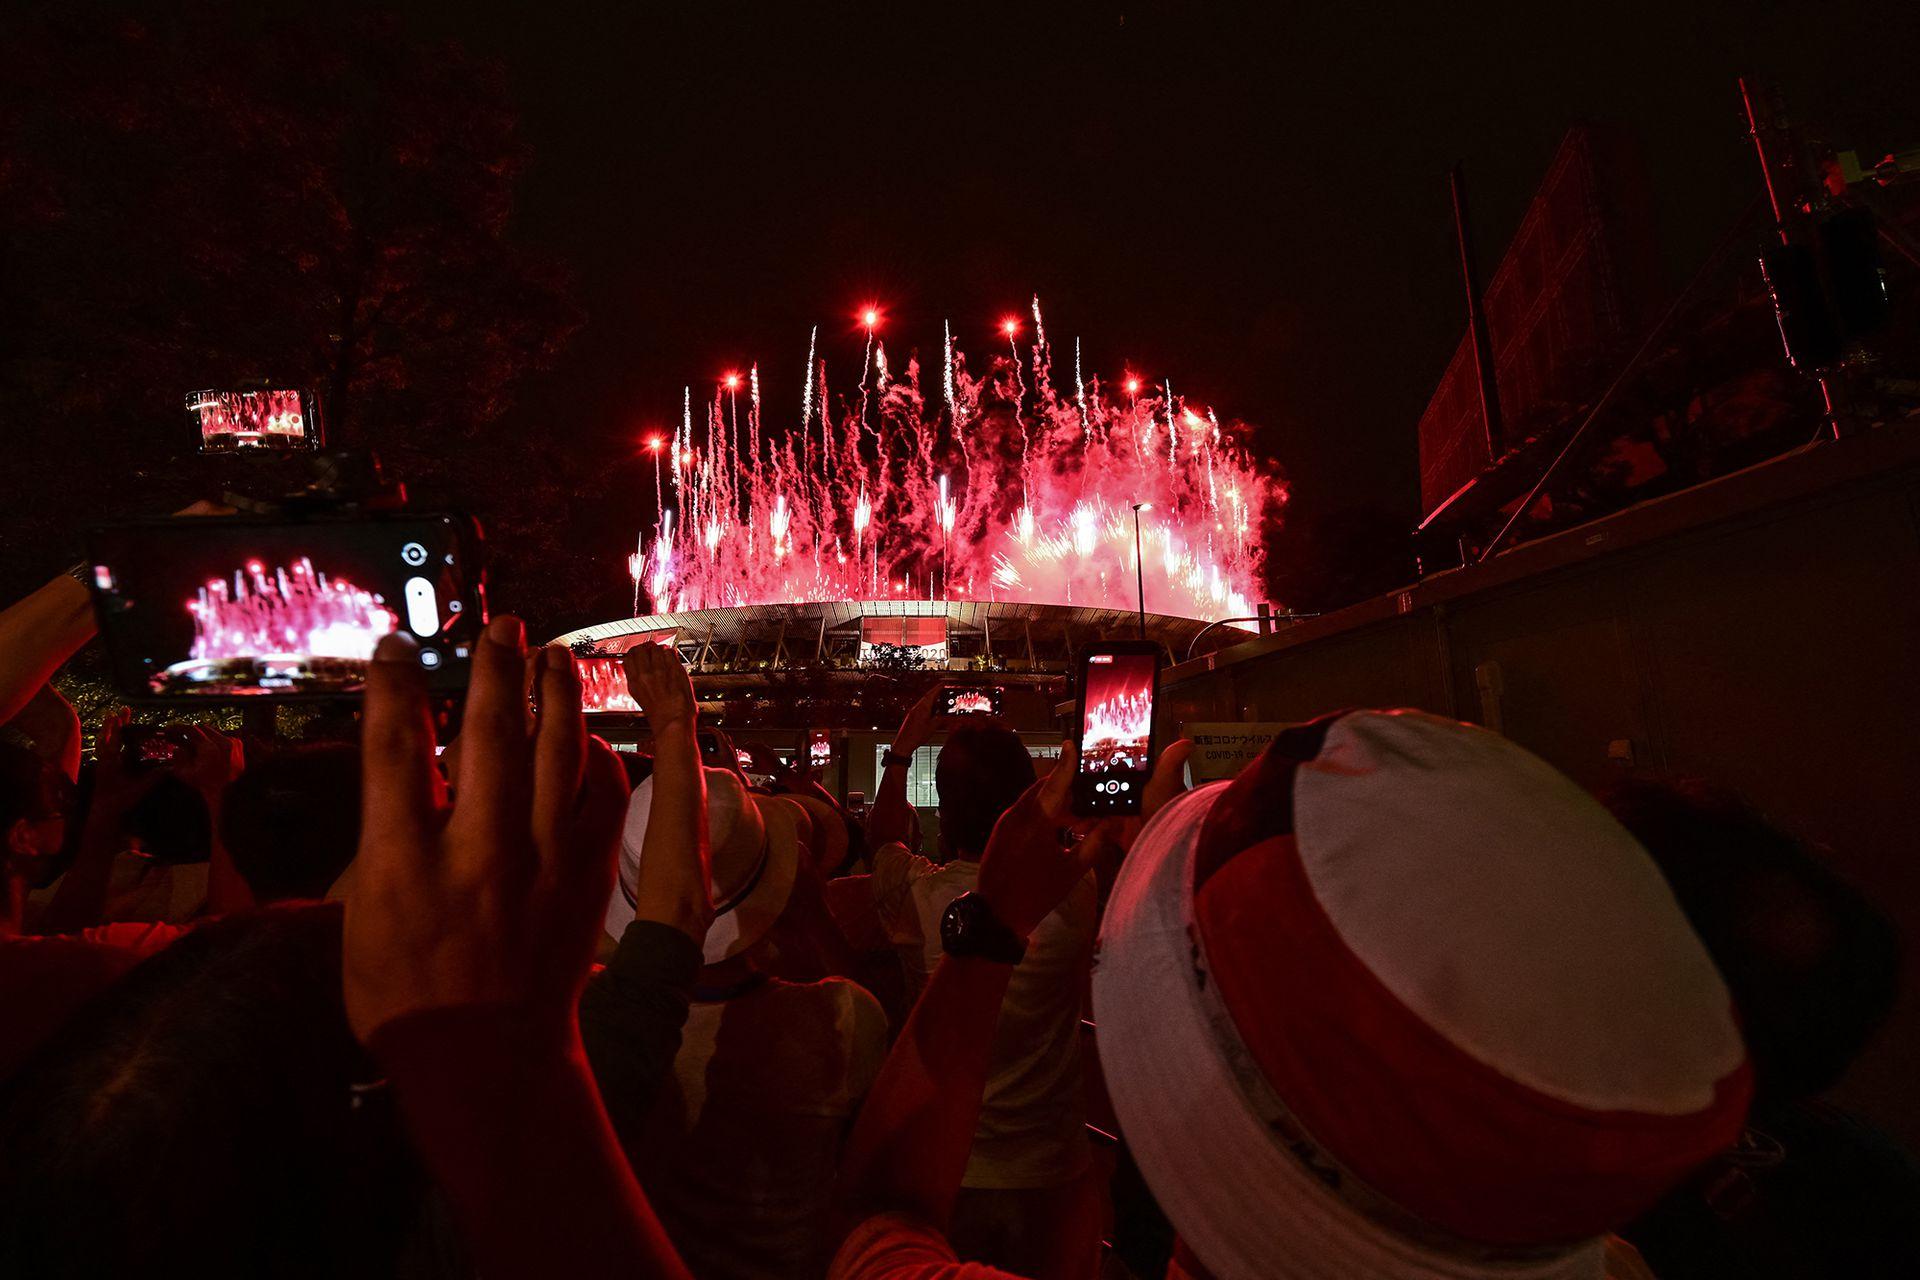 Los aficionados que están afuera toman fotografías de los fuegos artificiales que iluminan el cielo sobre el Estadio Olímpico durante la ceremonia de apertura de los Juegos Olímpicos de Tokio 2020, en Tokio, el 23 de julio de 2021.